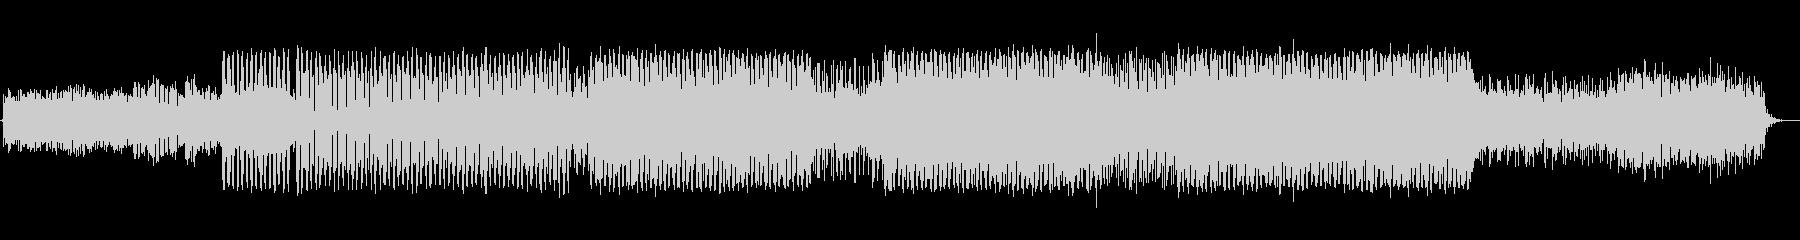 プログレッシブの未再生の波形